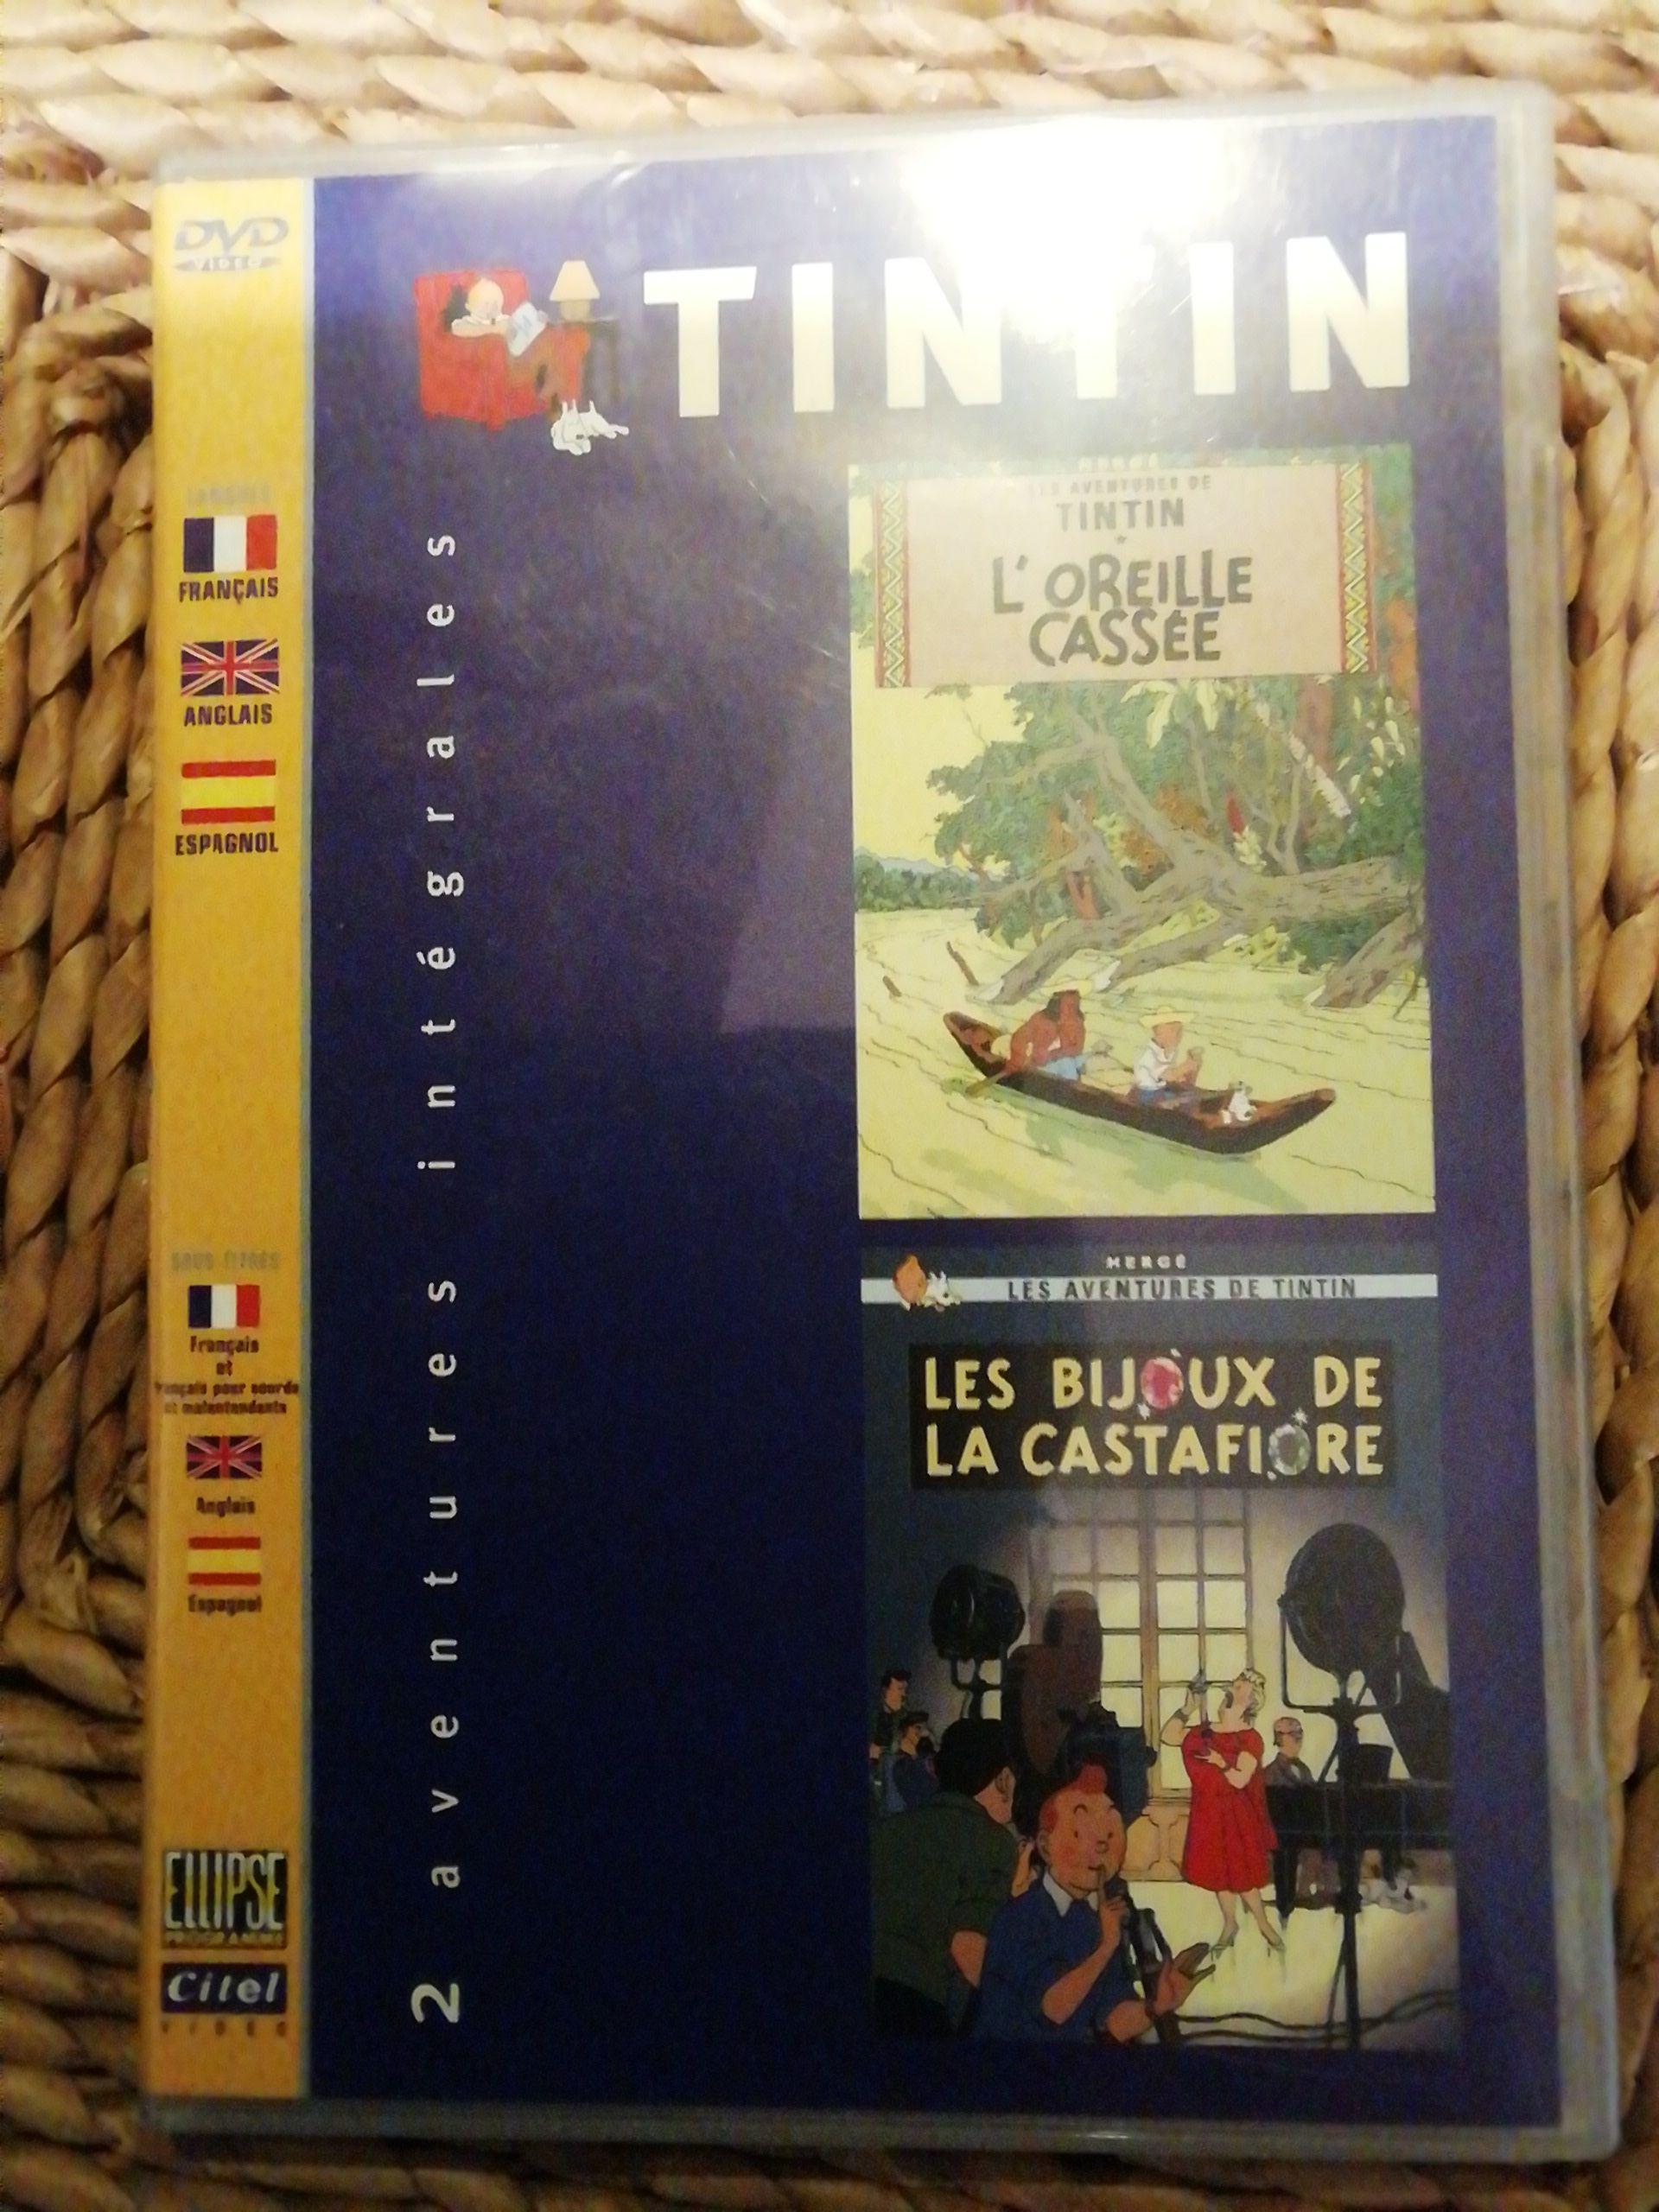 TINTIN LOREILLE CASSÉE ÉT LES BIJOUX DE LA CASTAFIORE -  cover